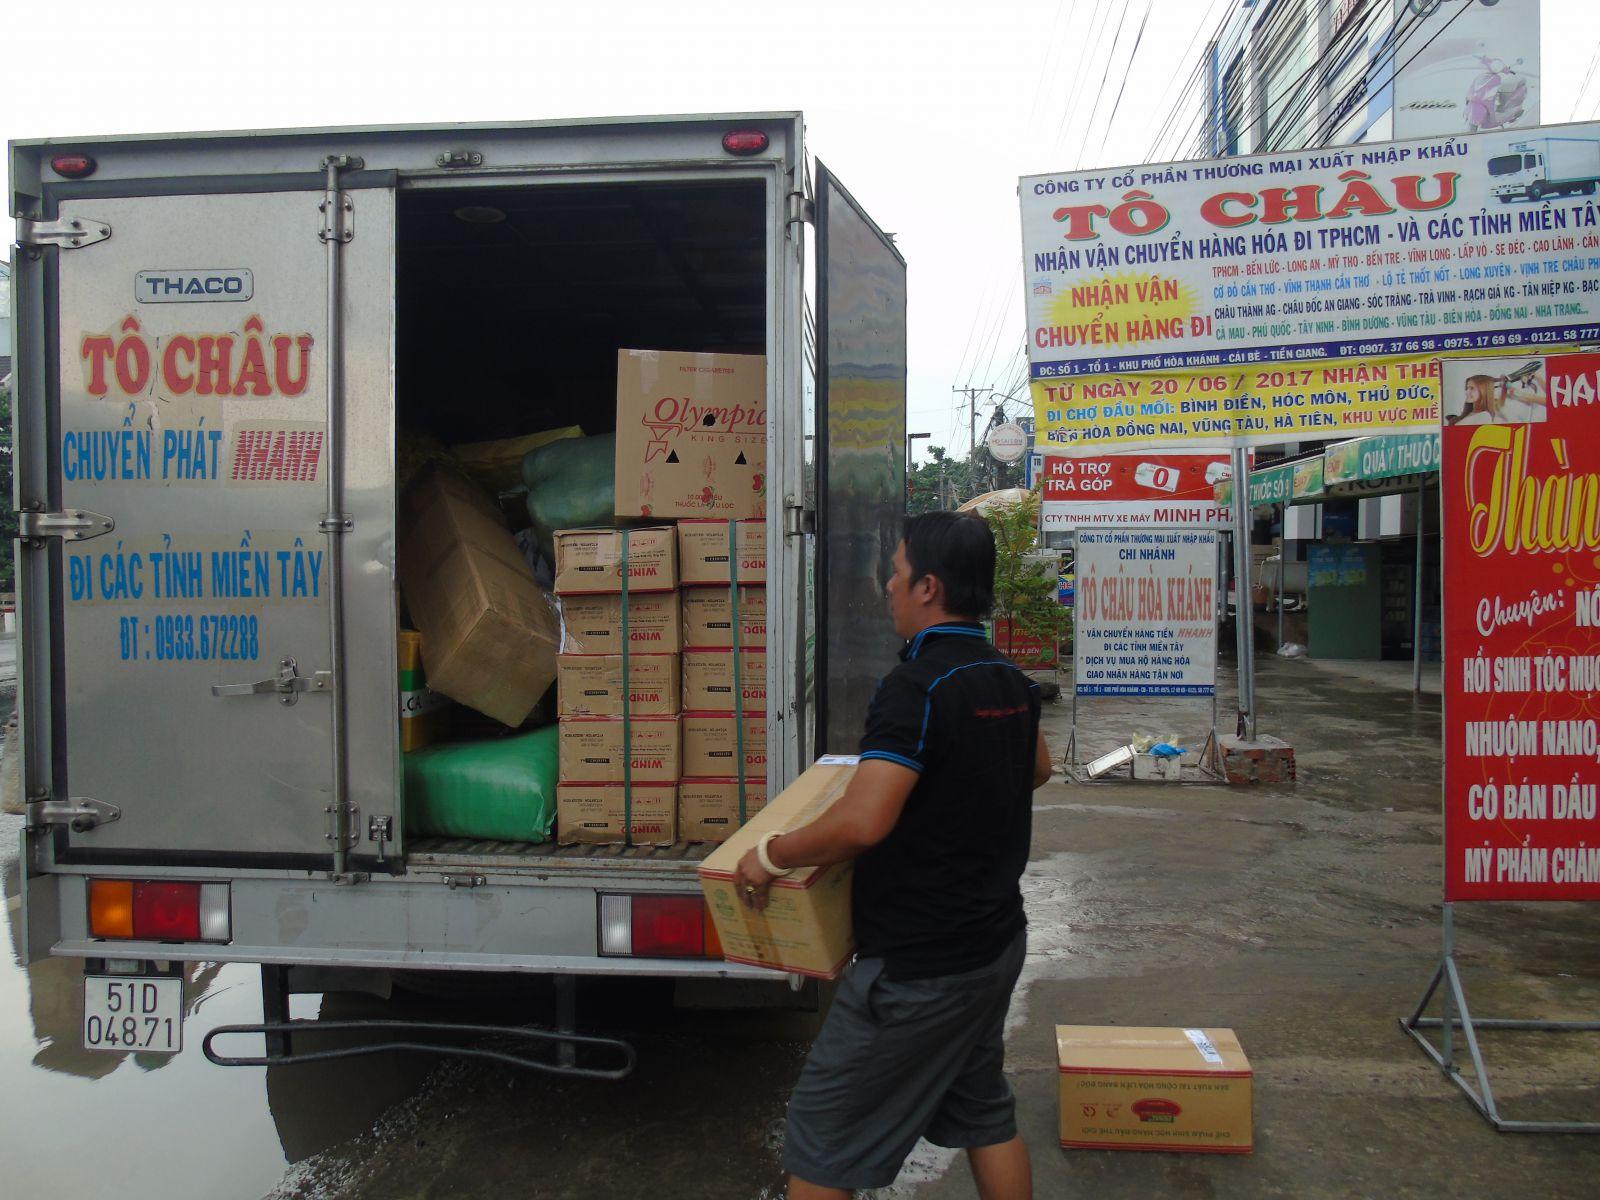 Xe Tô Châu vận chuyển hàng hóa nhanh Cái Bè đi TP.HCM